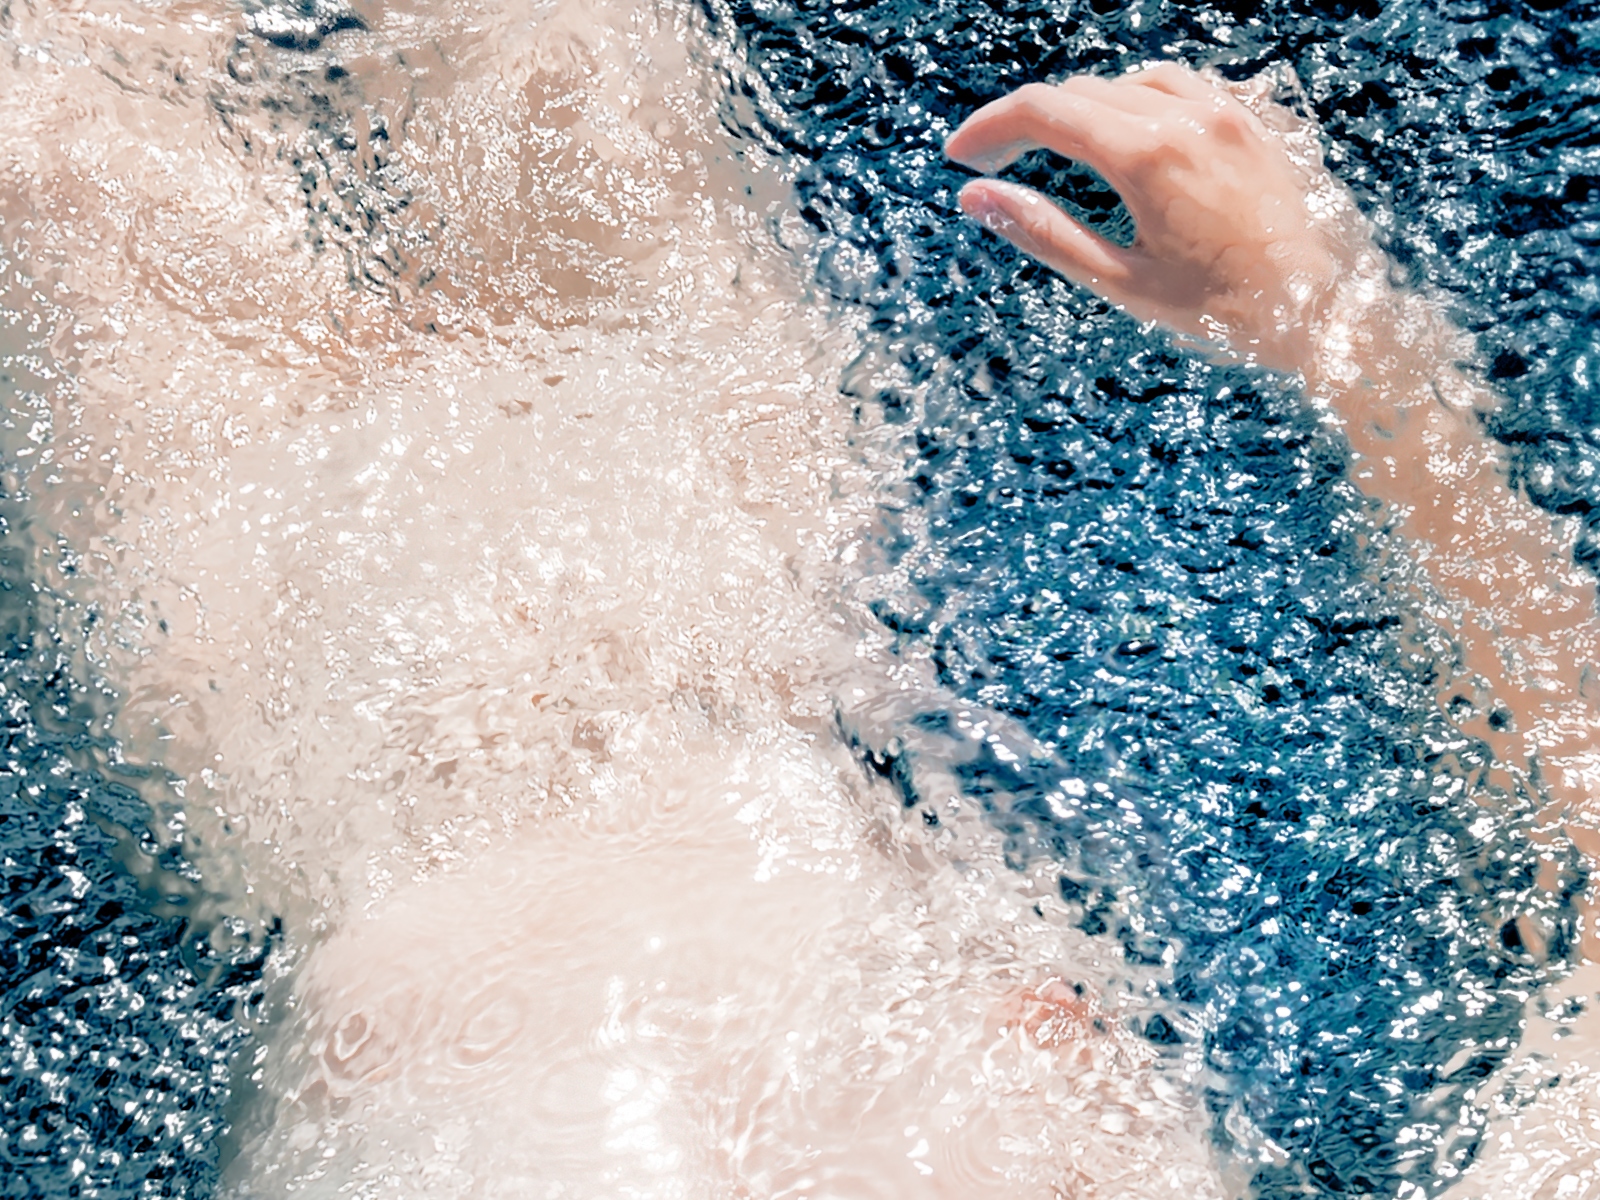 Art Nude Photography Ava Backstroke